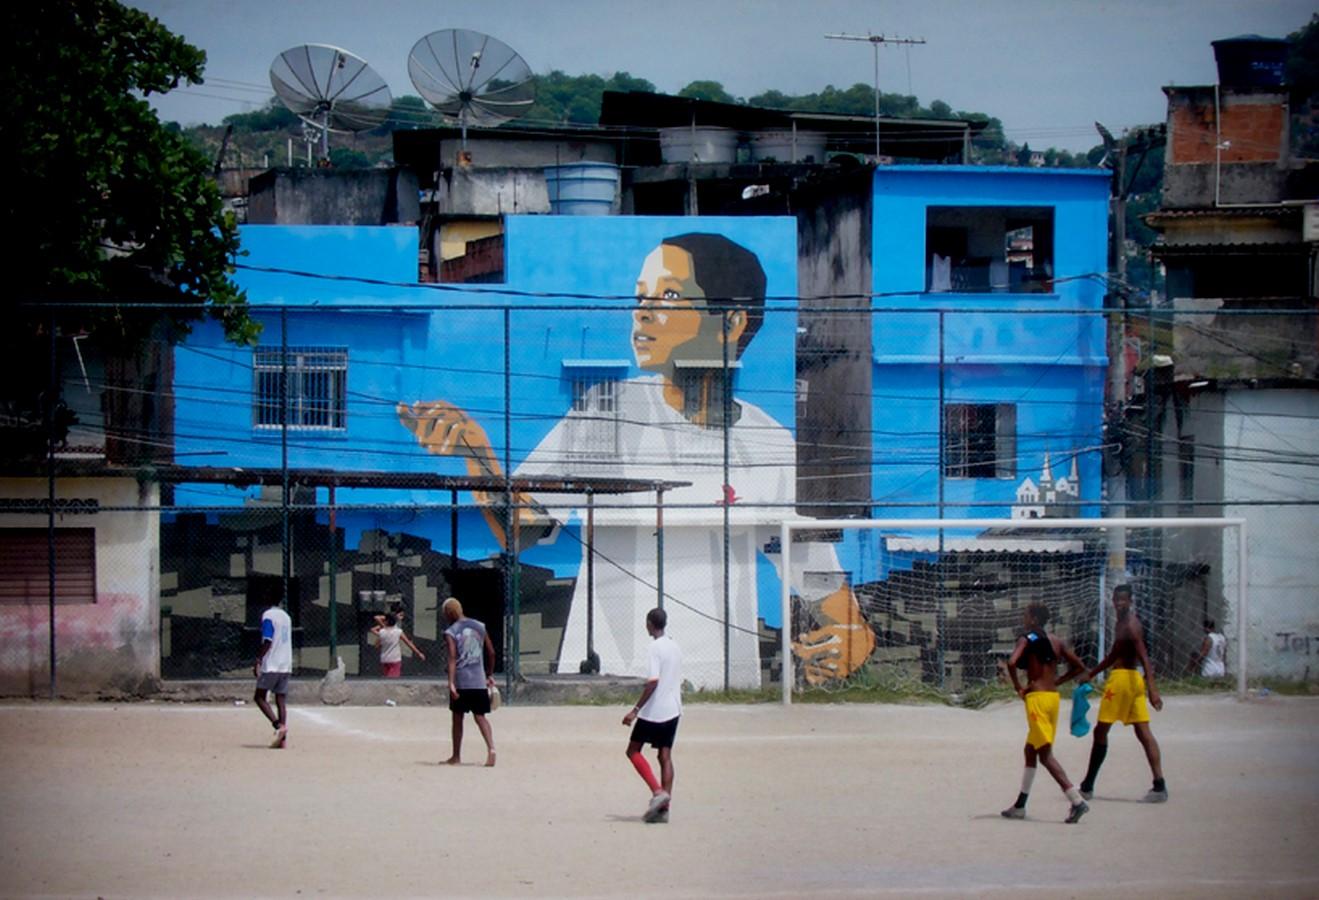 Favela Paintings at Santa Marta - Sheet1